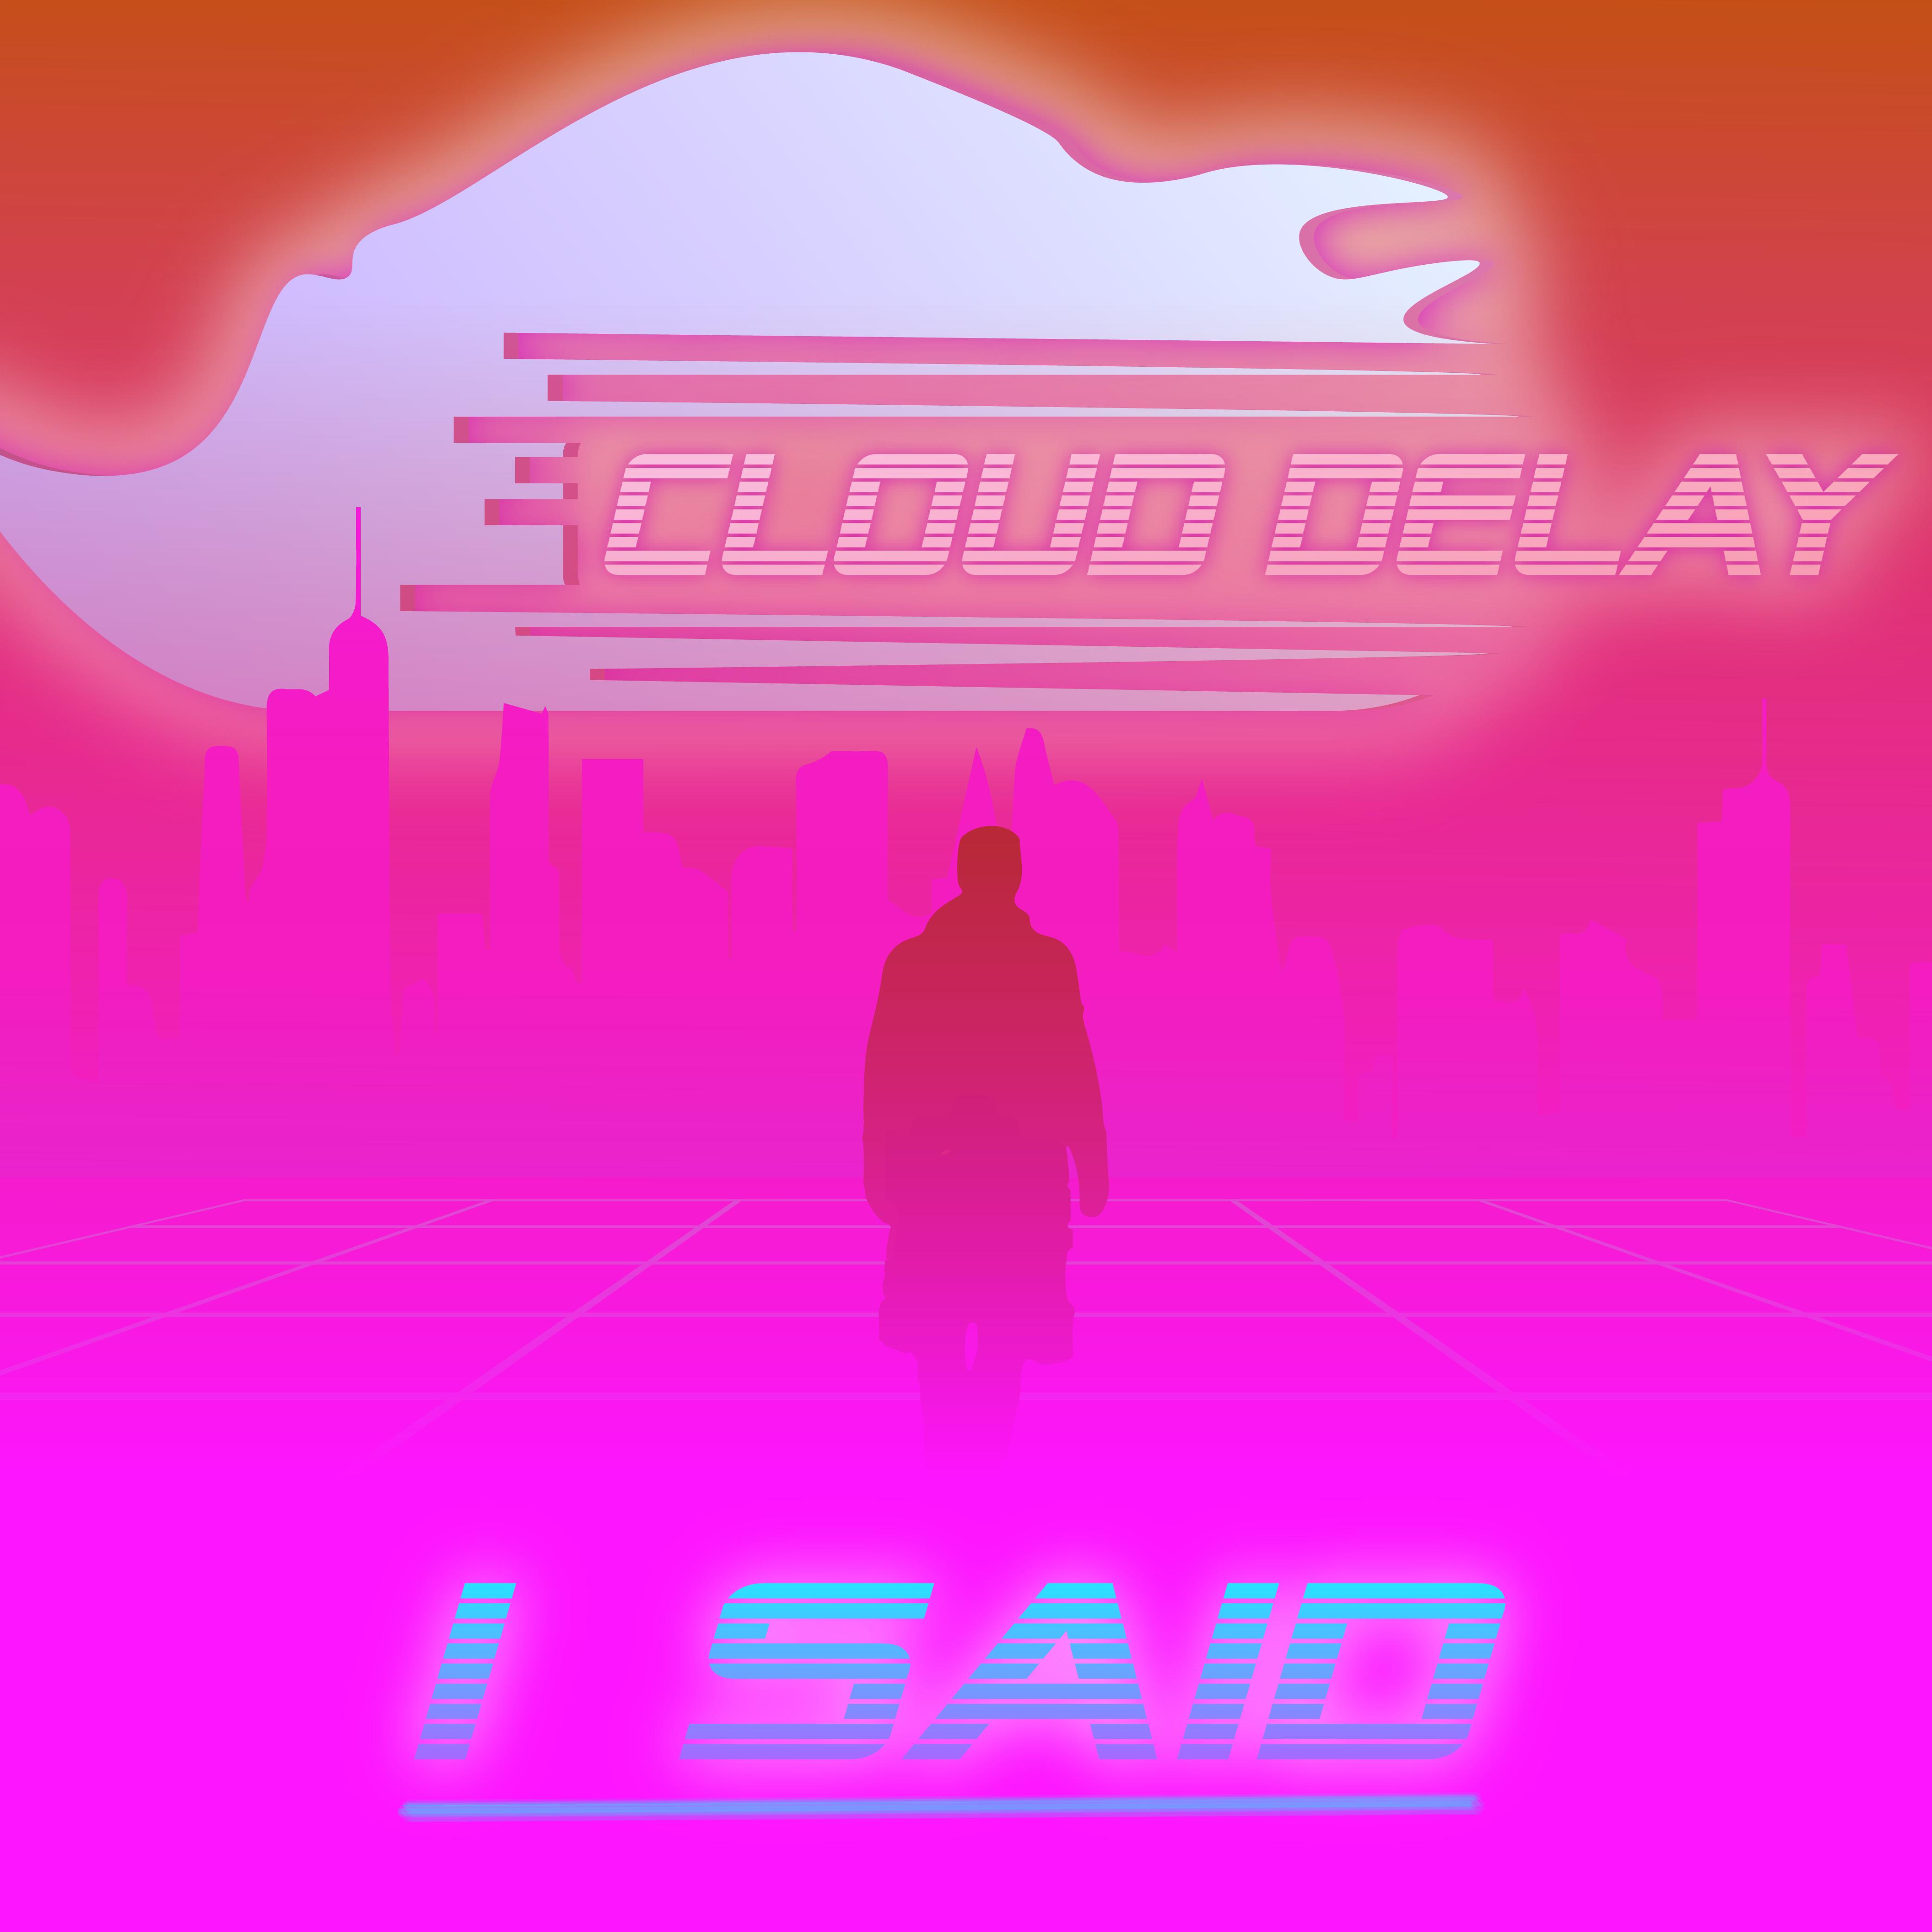 Логотип музыкального проекта и обложка сингла фото f_8445b674a6870077.png